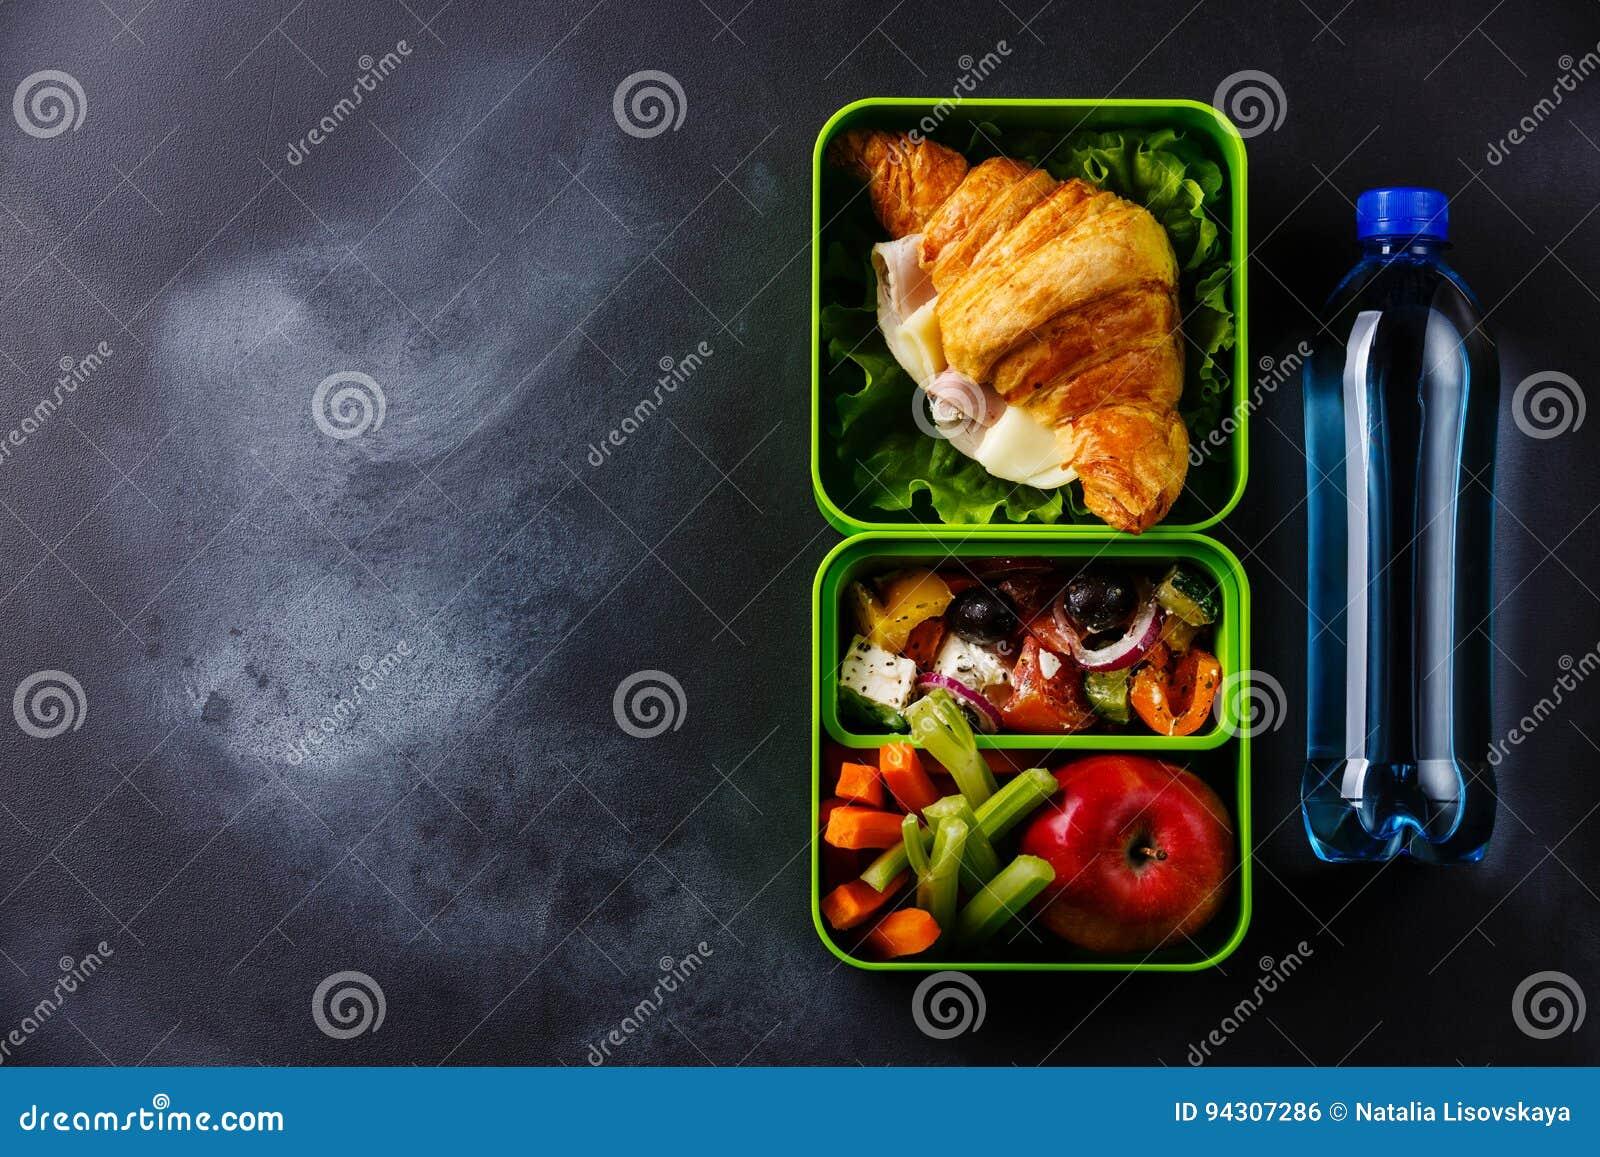 Πάρτε έξω το καλαθάκι με φαγητό τροφίμων με Croissant, την ελληνικά σαλάτα και το νερό